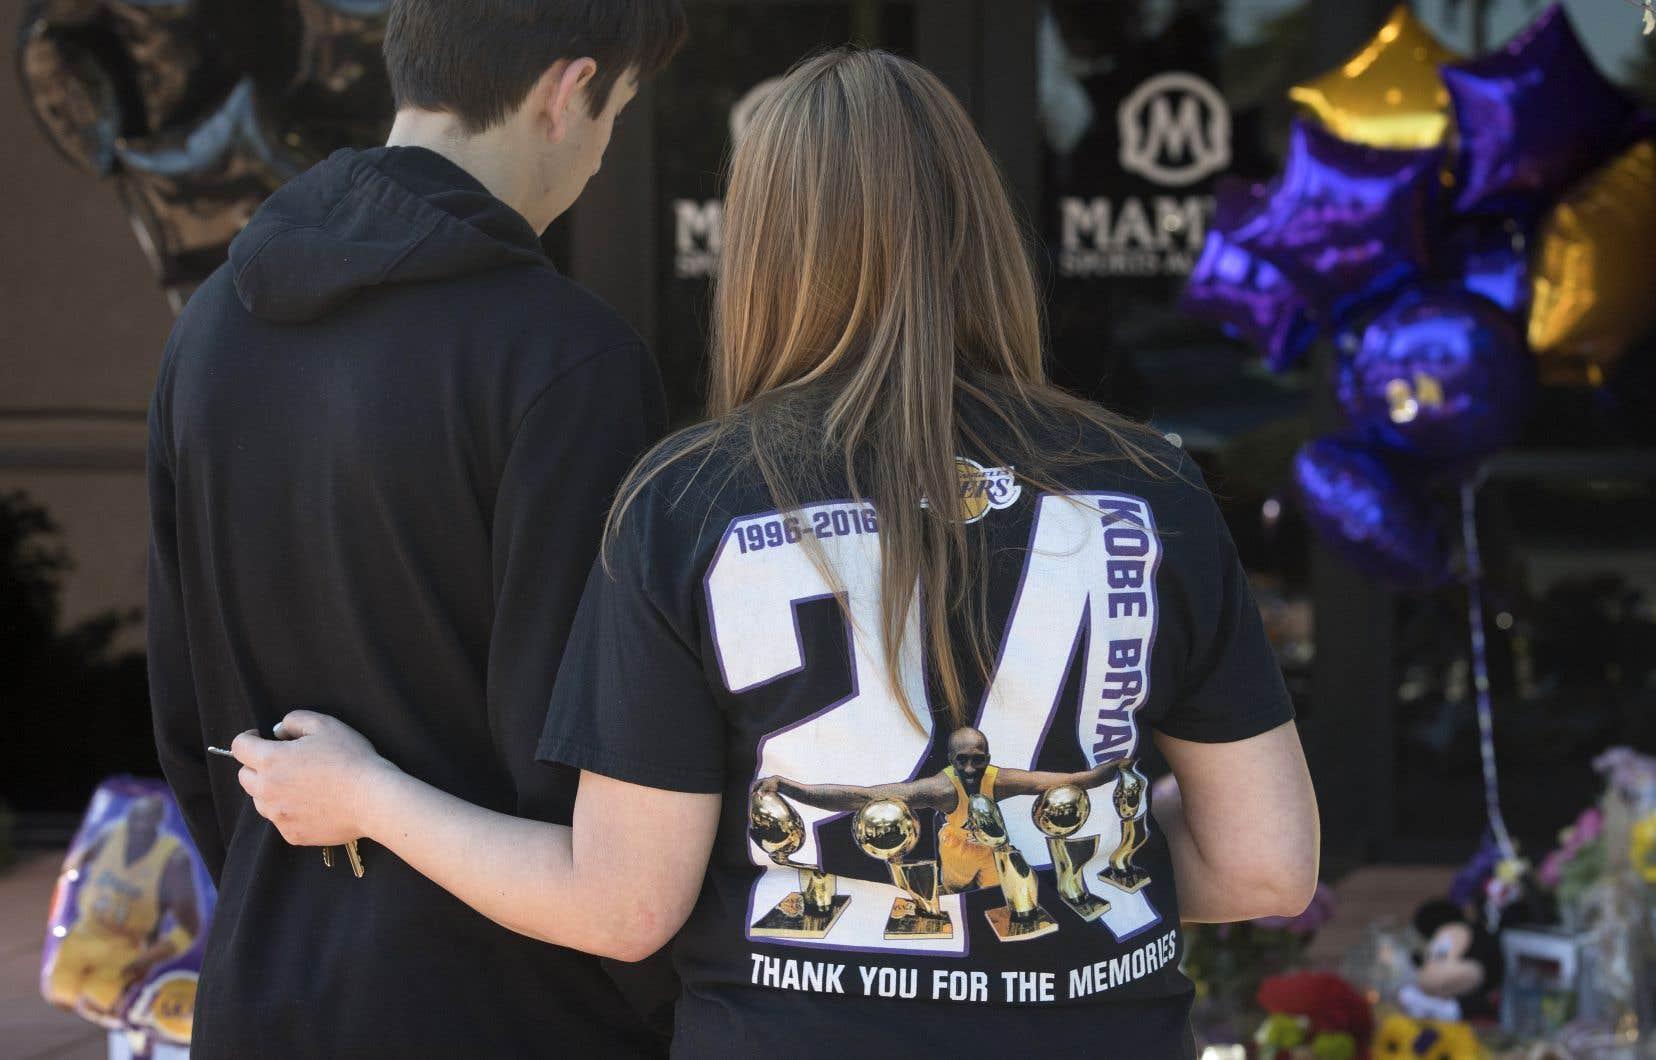 Fleurs, bougies, maillots… Quelques centaines de fans continuaient de se recueillir lundi devant le Staples Center de Los Angeles.